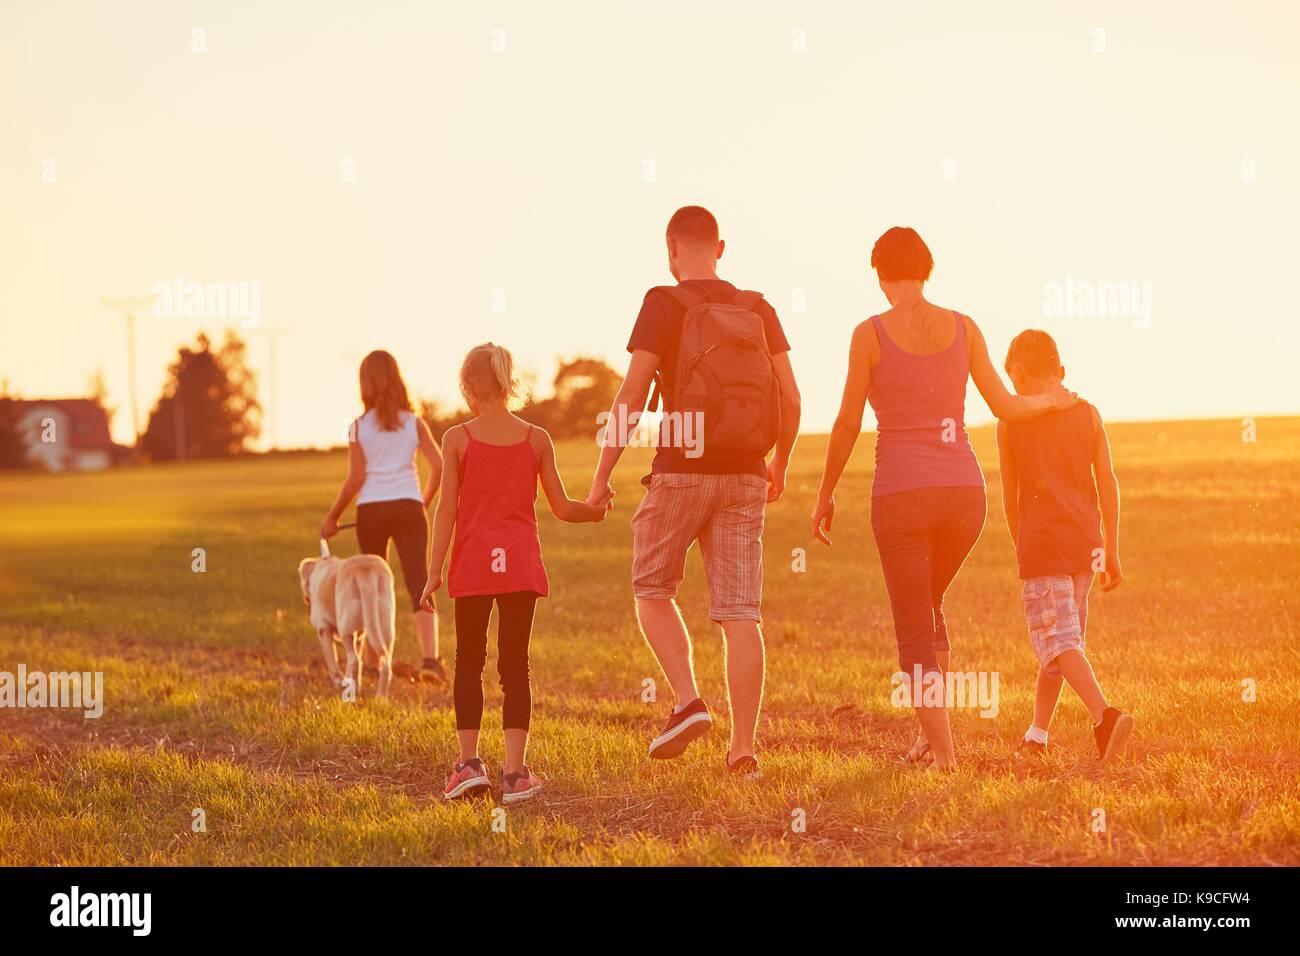 El verano en el campo. las siluetas de la familia con el perro en el viaje al atardecer. Imagen De Stock